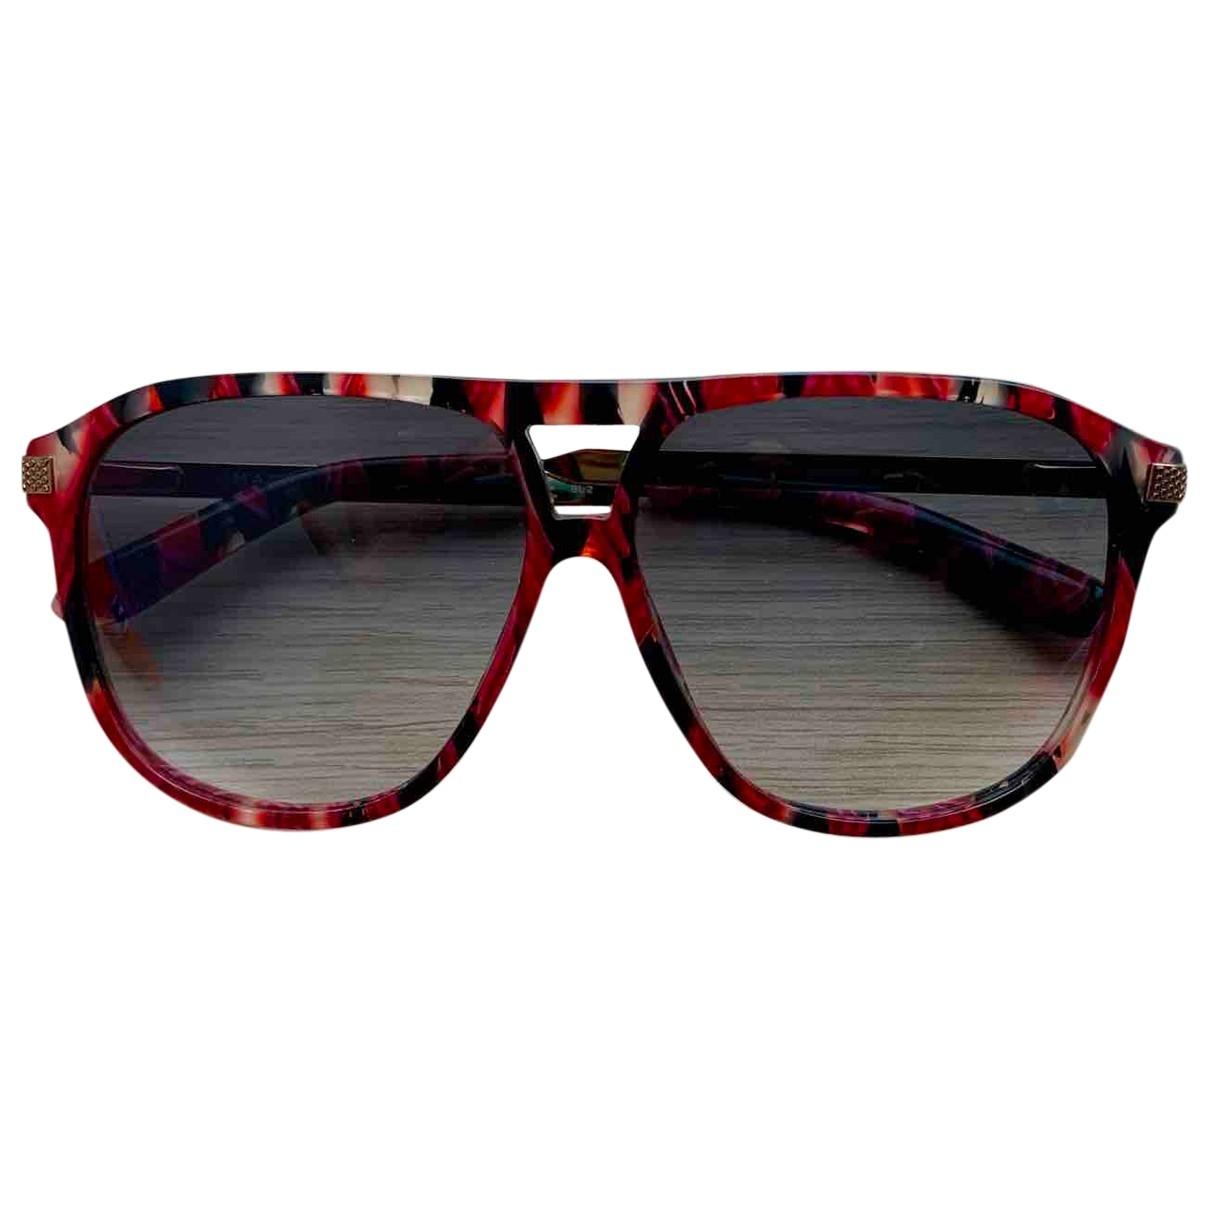 Marc By Marc Jacobs - Lunettes   pour femme en autre - rouge